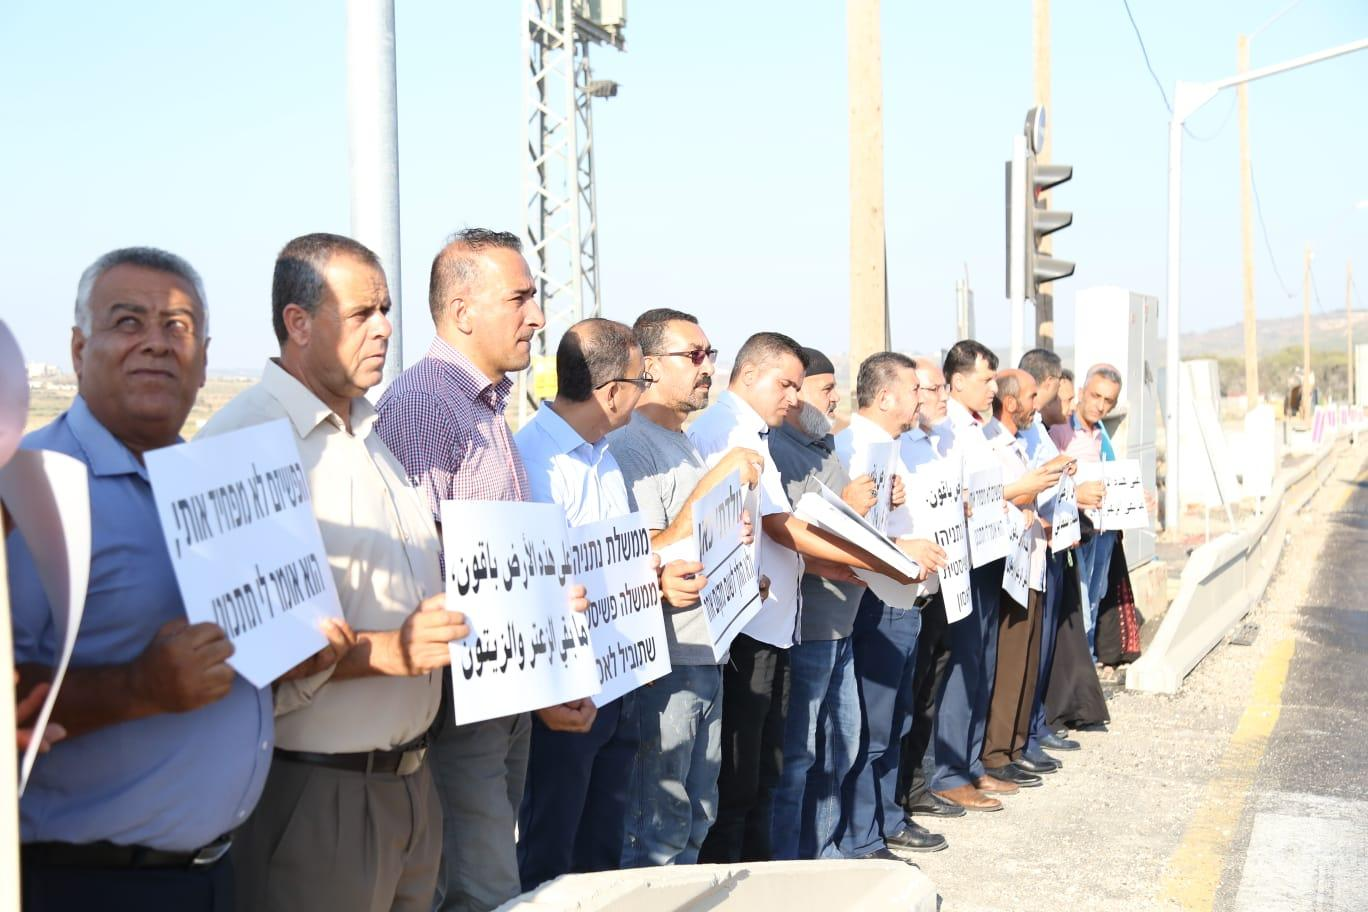 """تظاهرات ببلدات عربية رفضا لـ""""قانون القومية"""""""